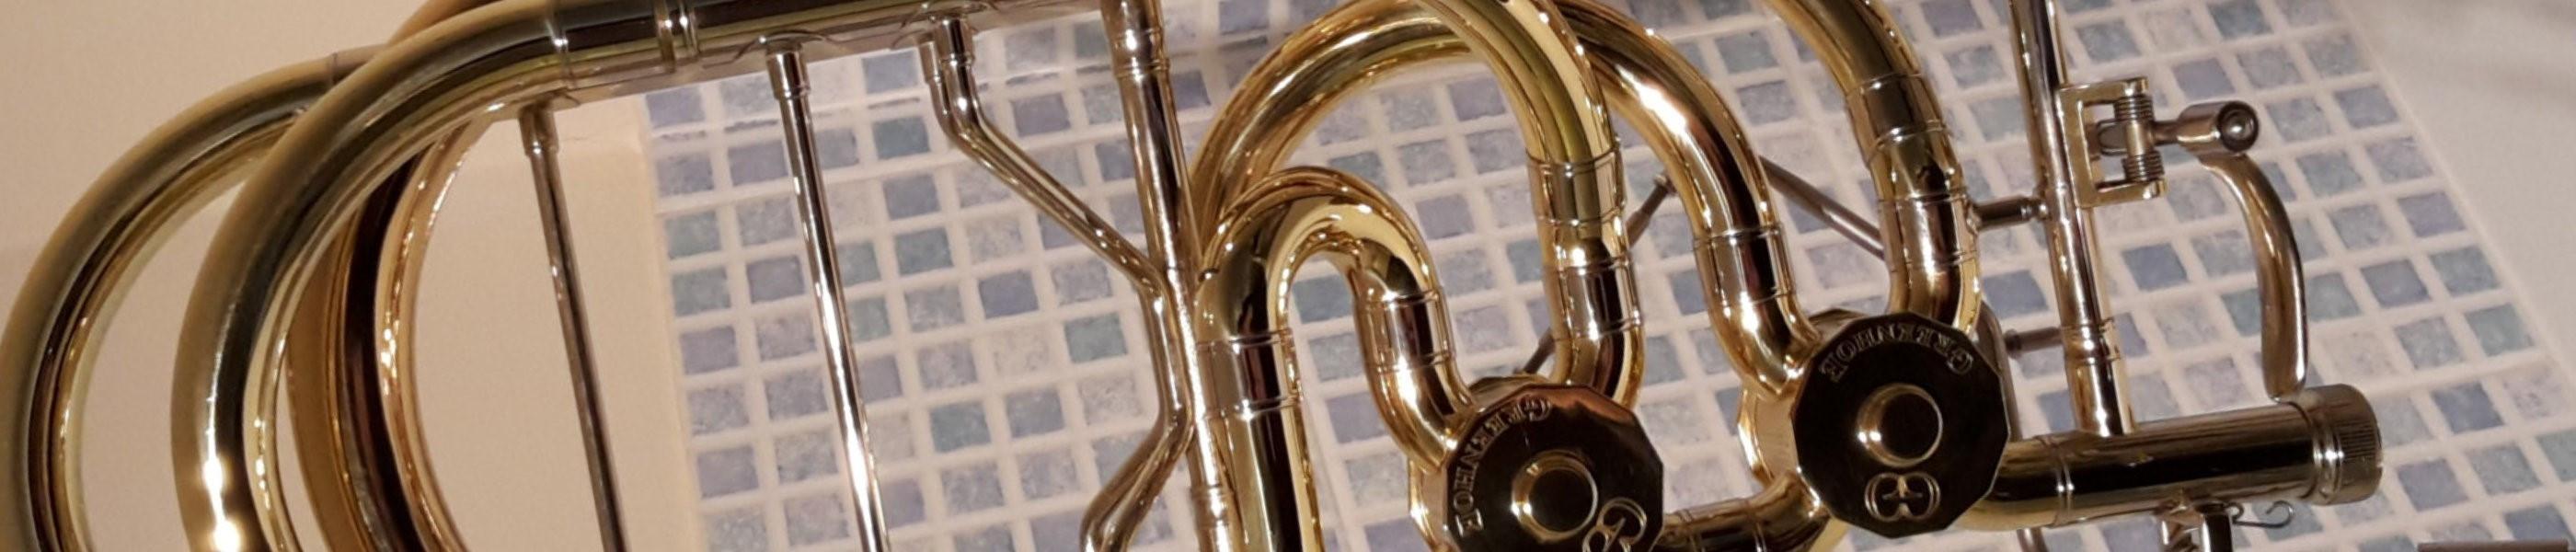 Trombones for sale